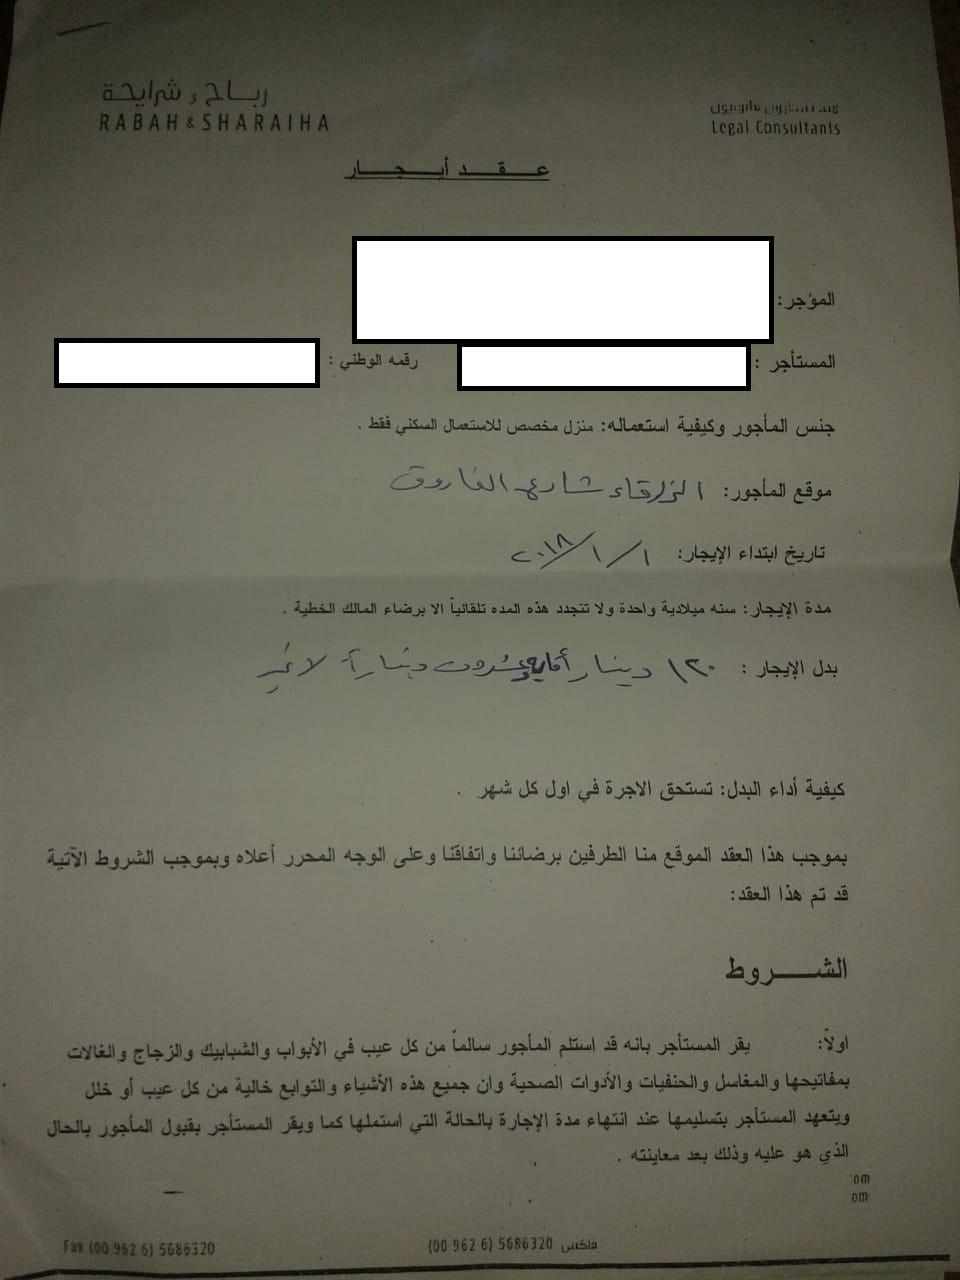 امام اهل الخير  ..  سيدة قطعت الكهرباء عن منزلها بسبب مبلغ مالي زهيد تناشد اهل الخير